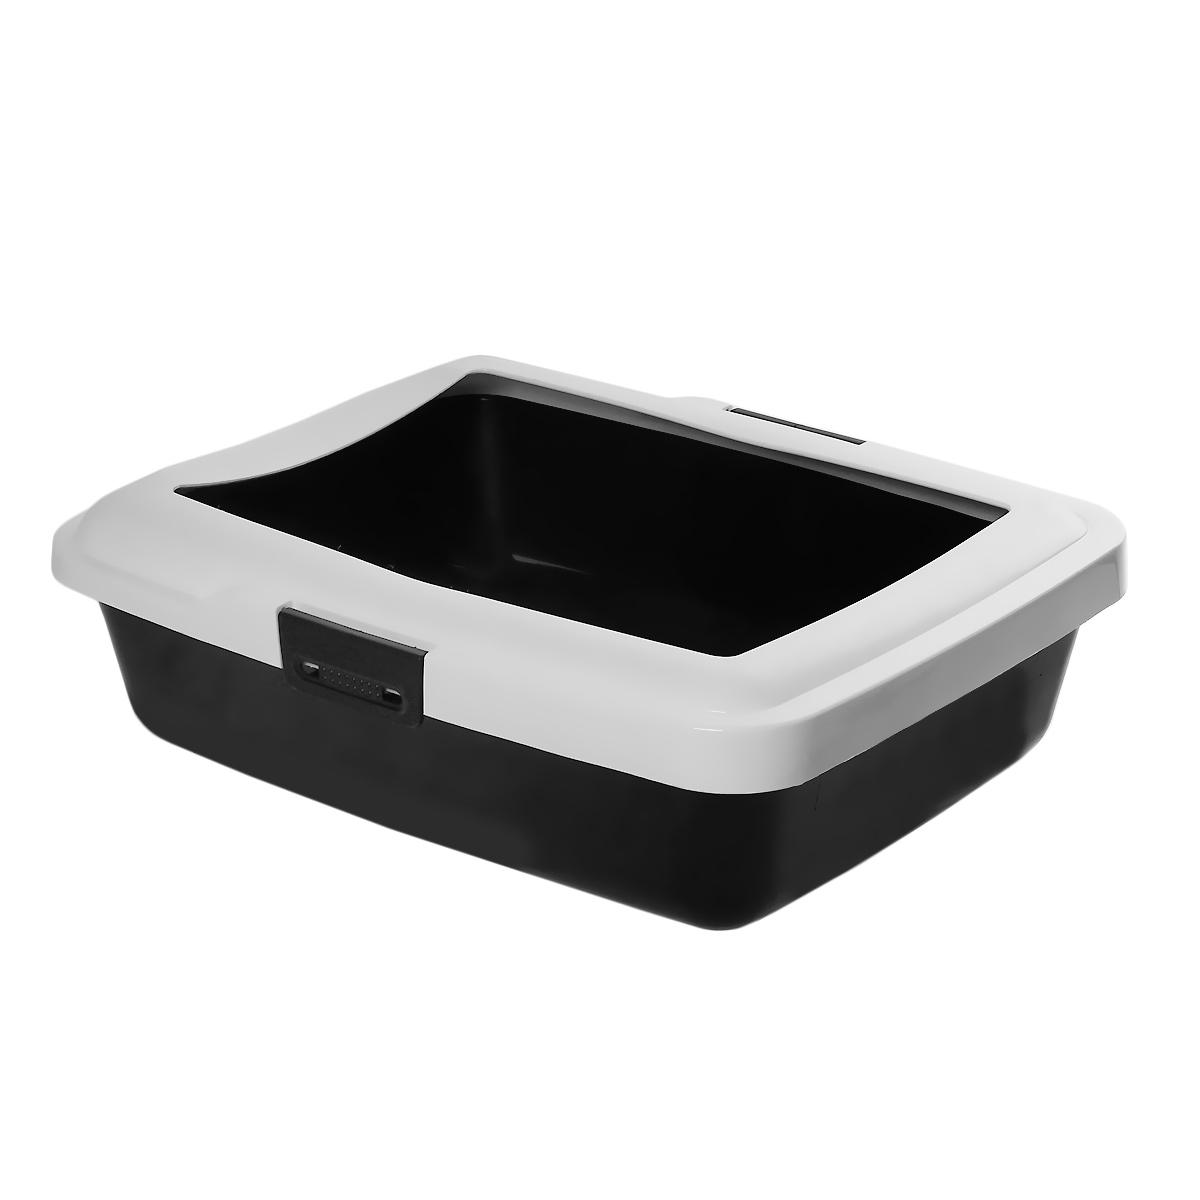 Туалет для кошек Savic Aristos Large, с бортом, цвет: черный, белый, 49,5 см х 39,5 см х 15 см226Туалет для кошек Savic Aristos Large изготовлен из качественного прочного пластика. Высокий цветной борт, прикрепленный по периметру лотка замками, удобно защелкивается и предотвращает разбрасывание наполнителя. Это самый простой в употреблении предмет обихода для кошек и котов.